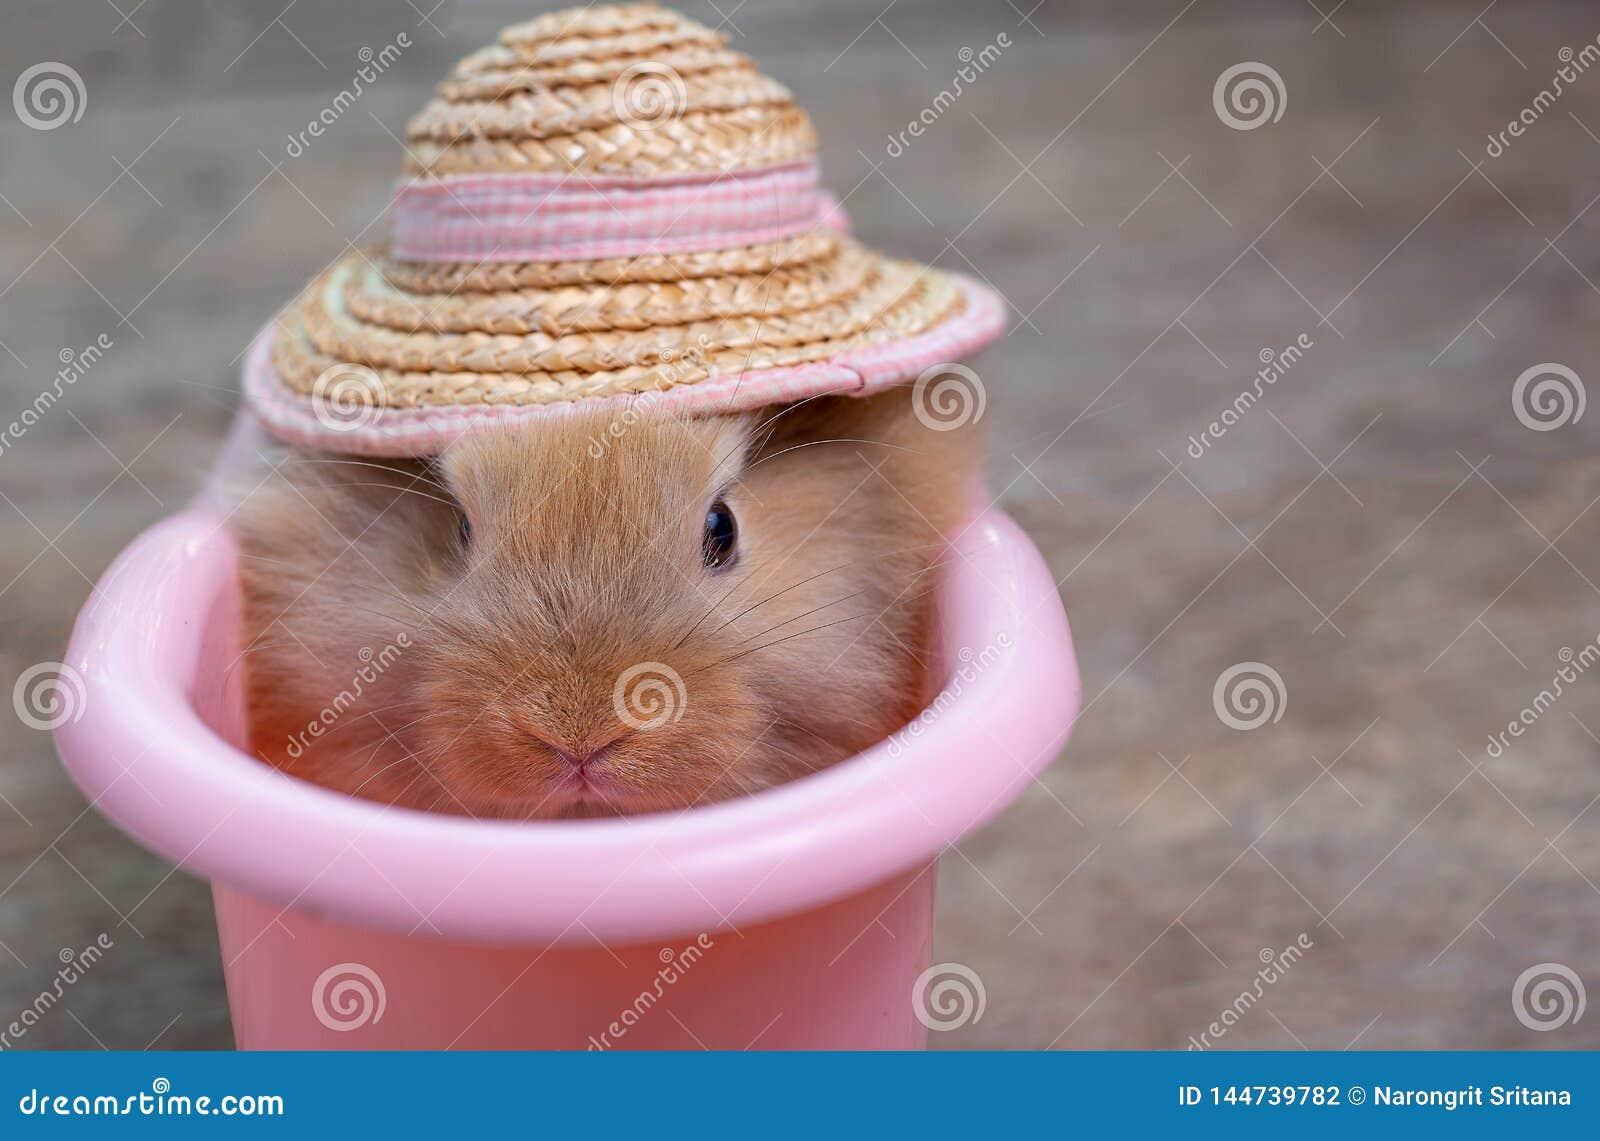 Nära övre sikt av gulligt litet ljus - brun kaninkanin med hatten i rosa badkar på trätabellen